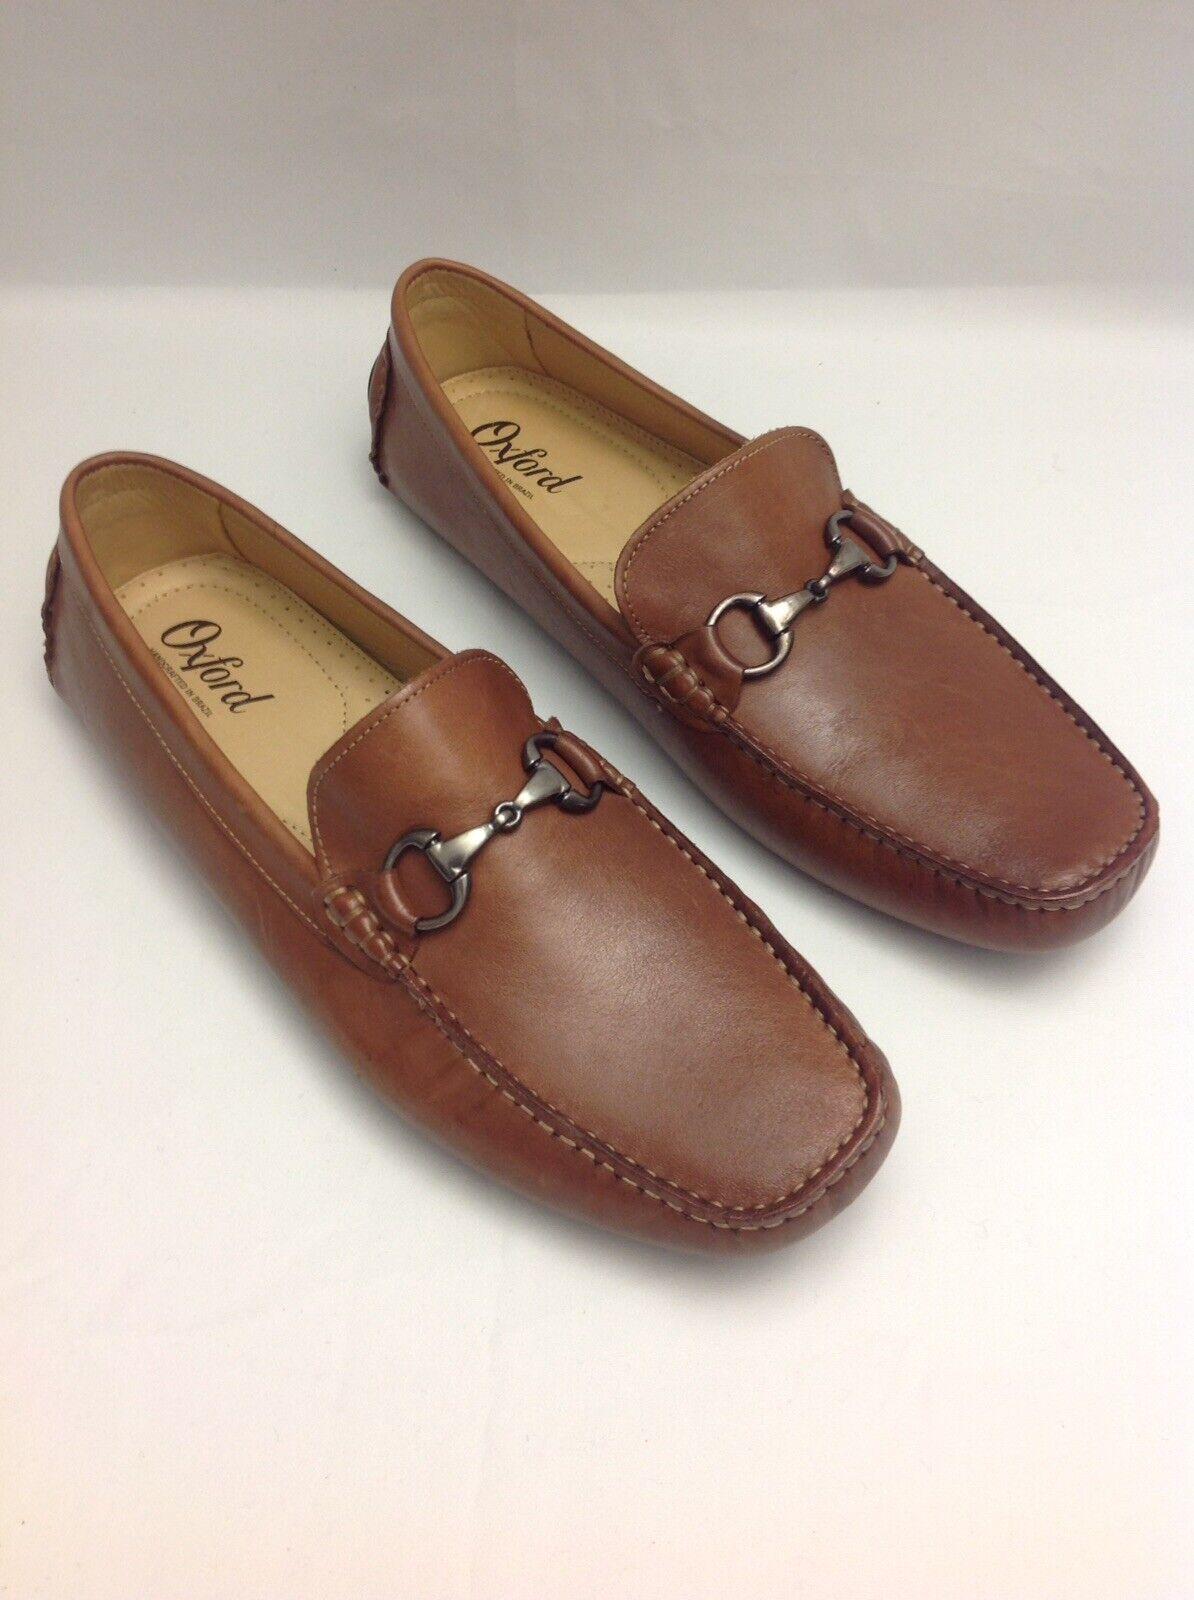 Caldwell por Oxford Driving zapatos xf1002 - 231 caoba, talla estadounidense 11,5 metros.